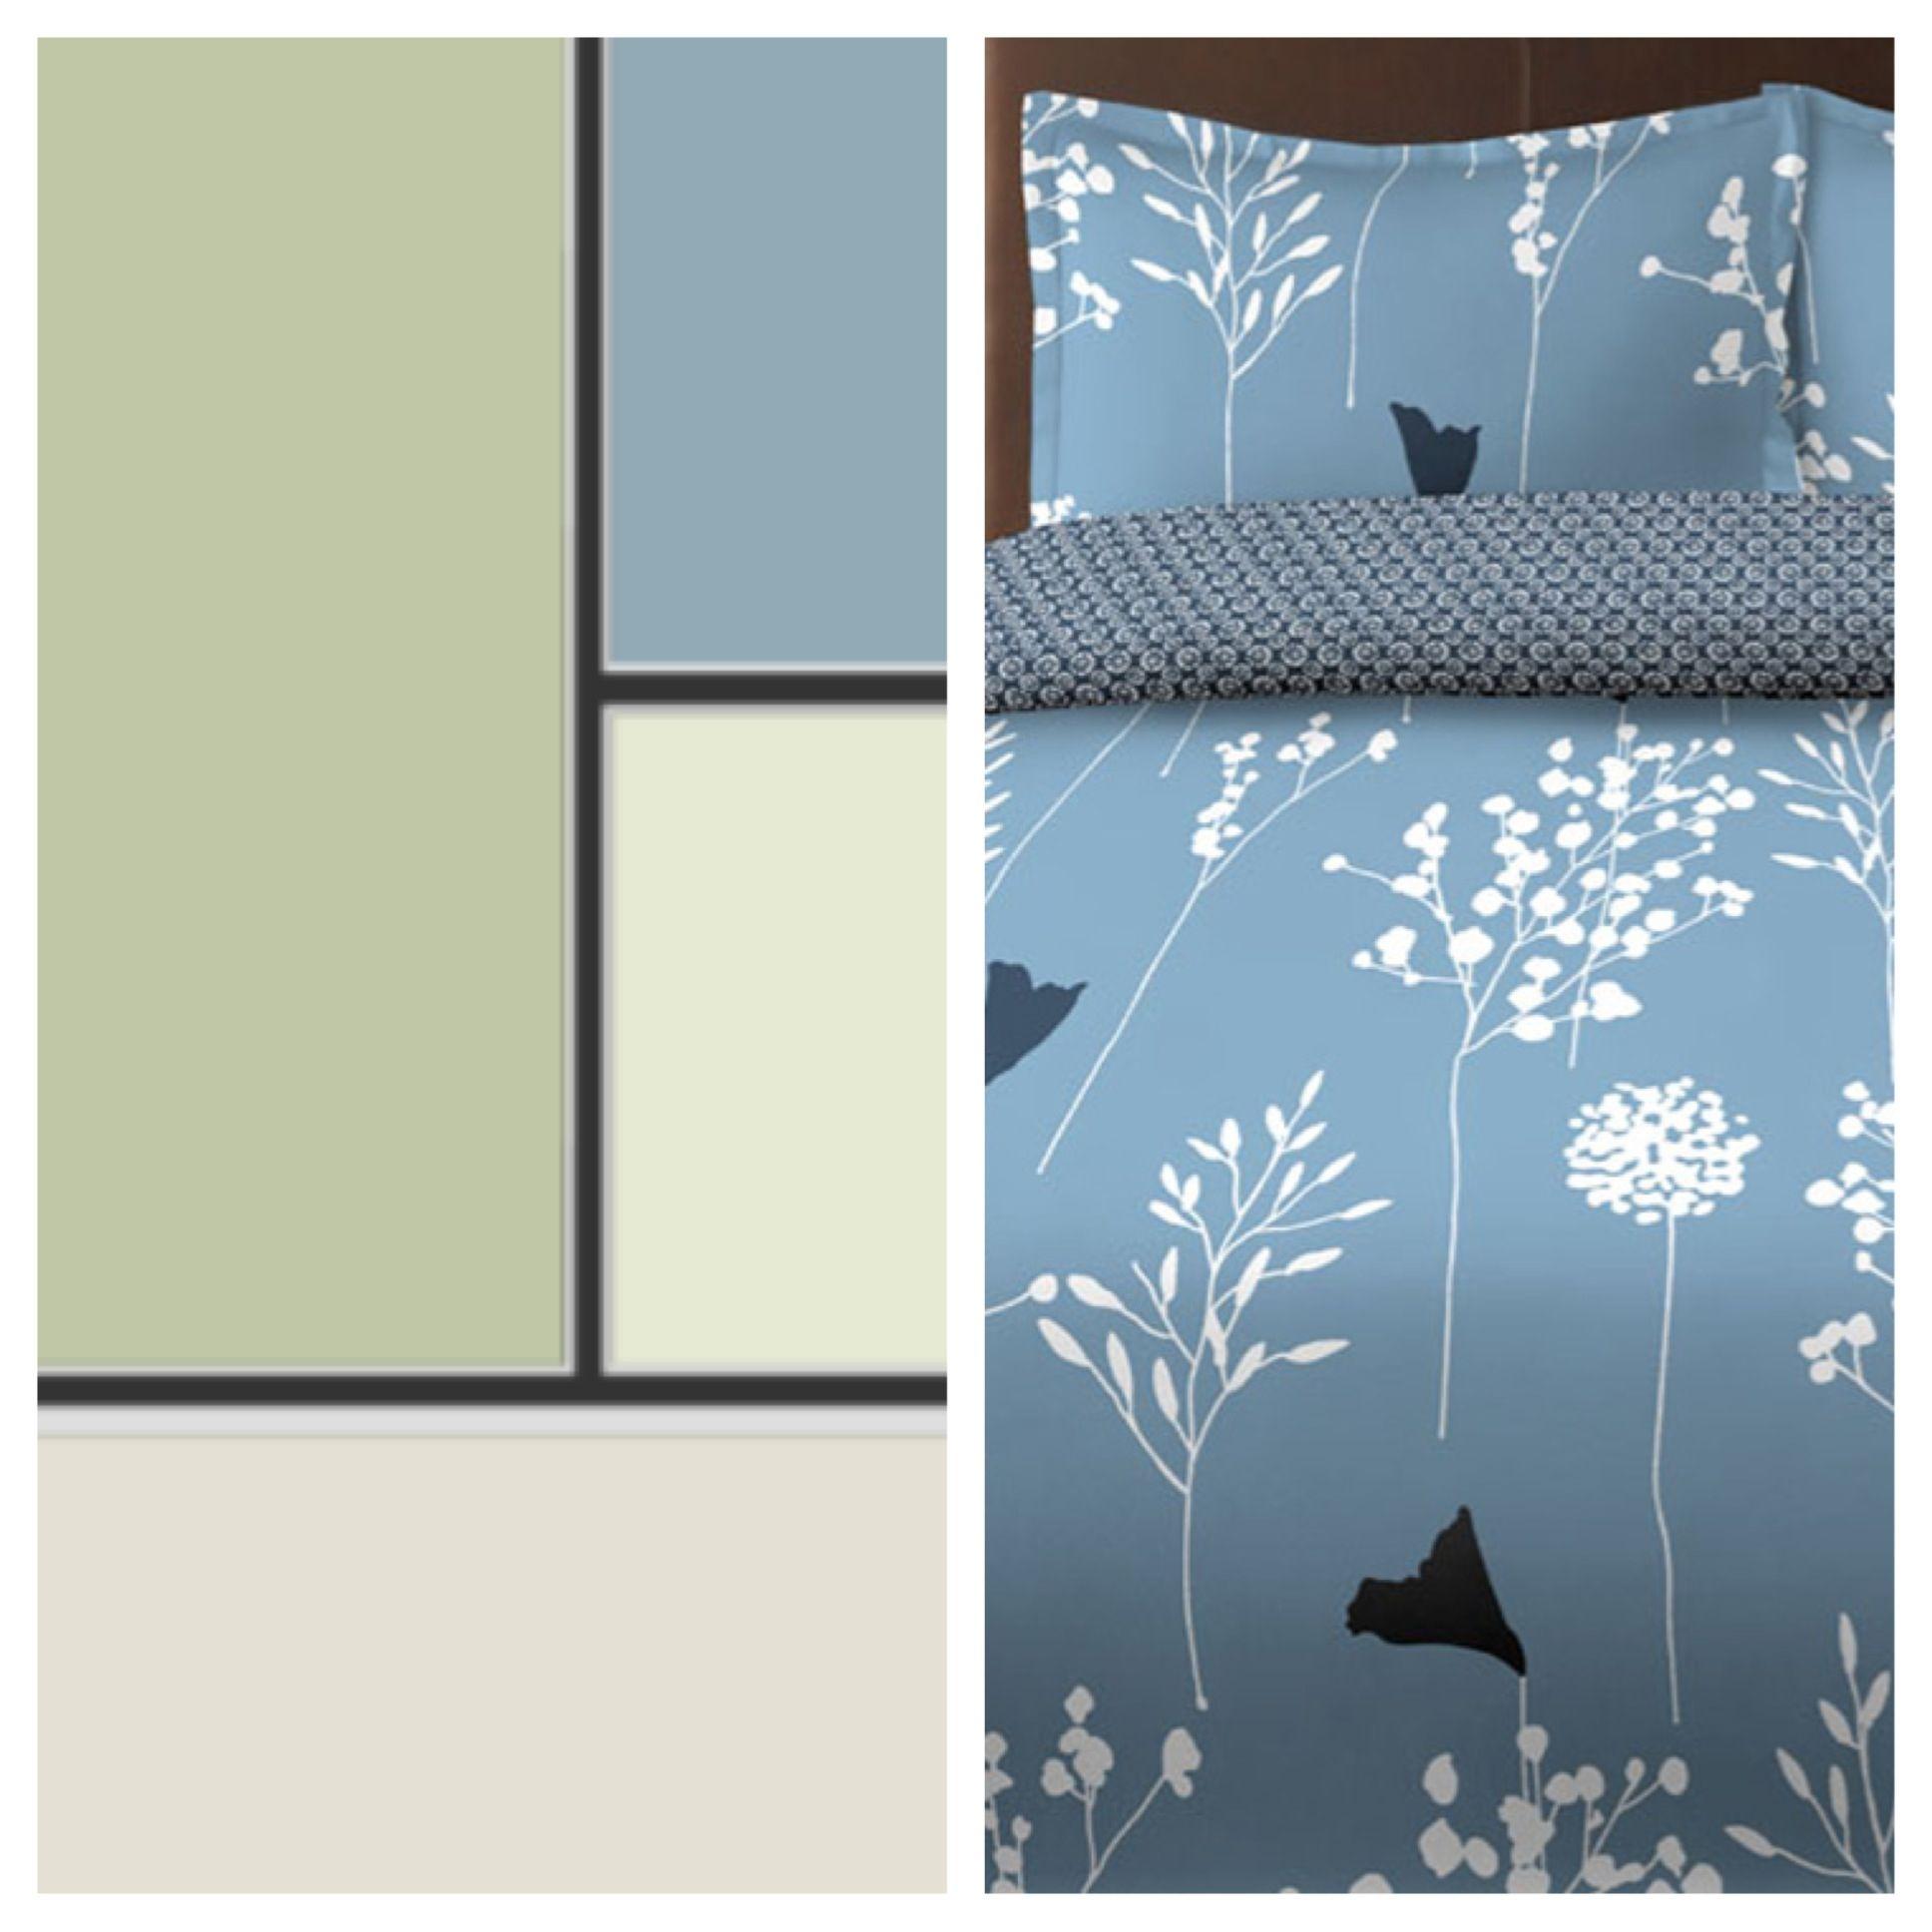 Color scheme and bedding for my bedroom makeover Behr Rejuvenate